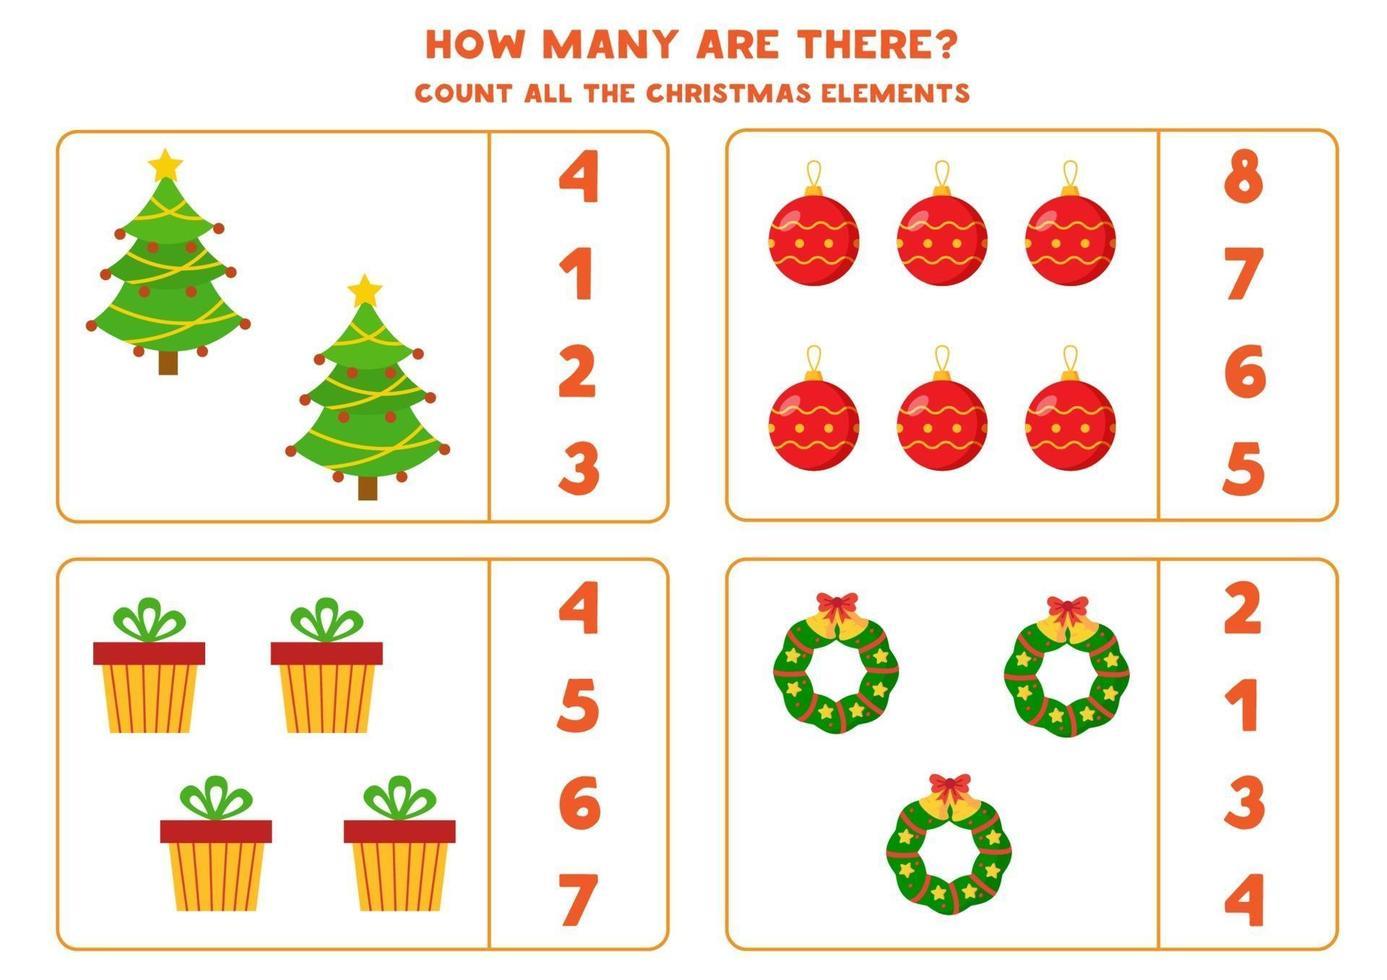 tellen spel voor kinderen. wiskunde-werkblad met kerstthema. vector